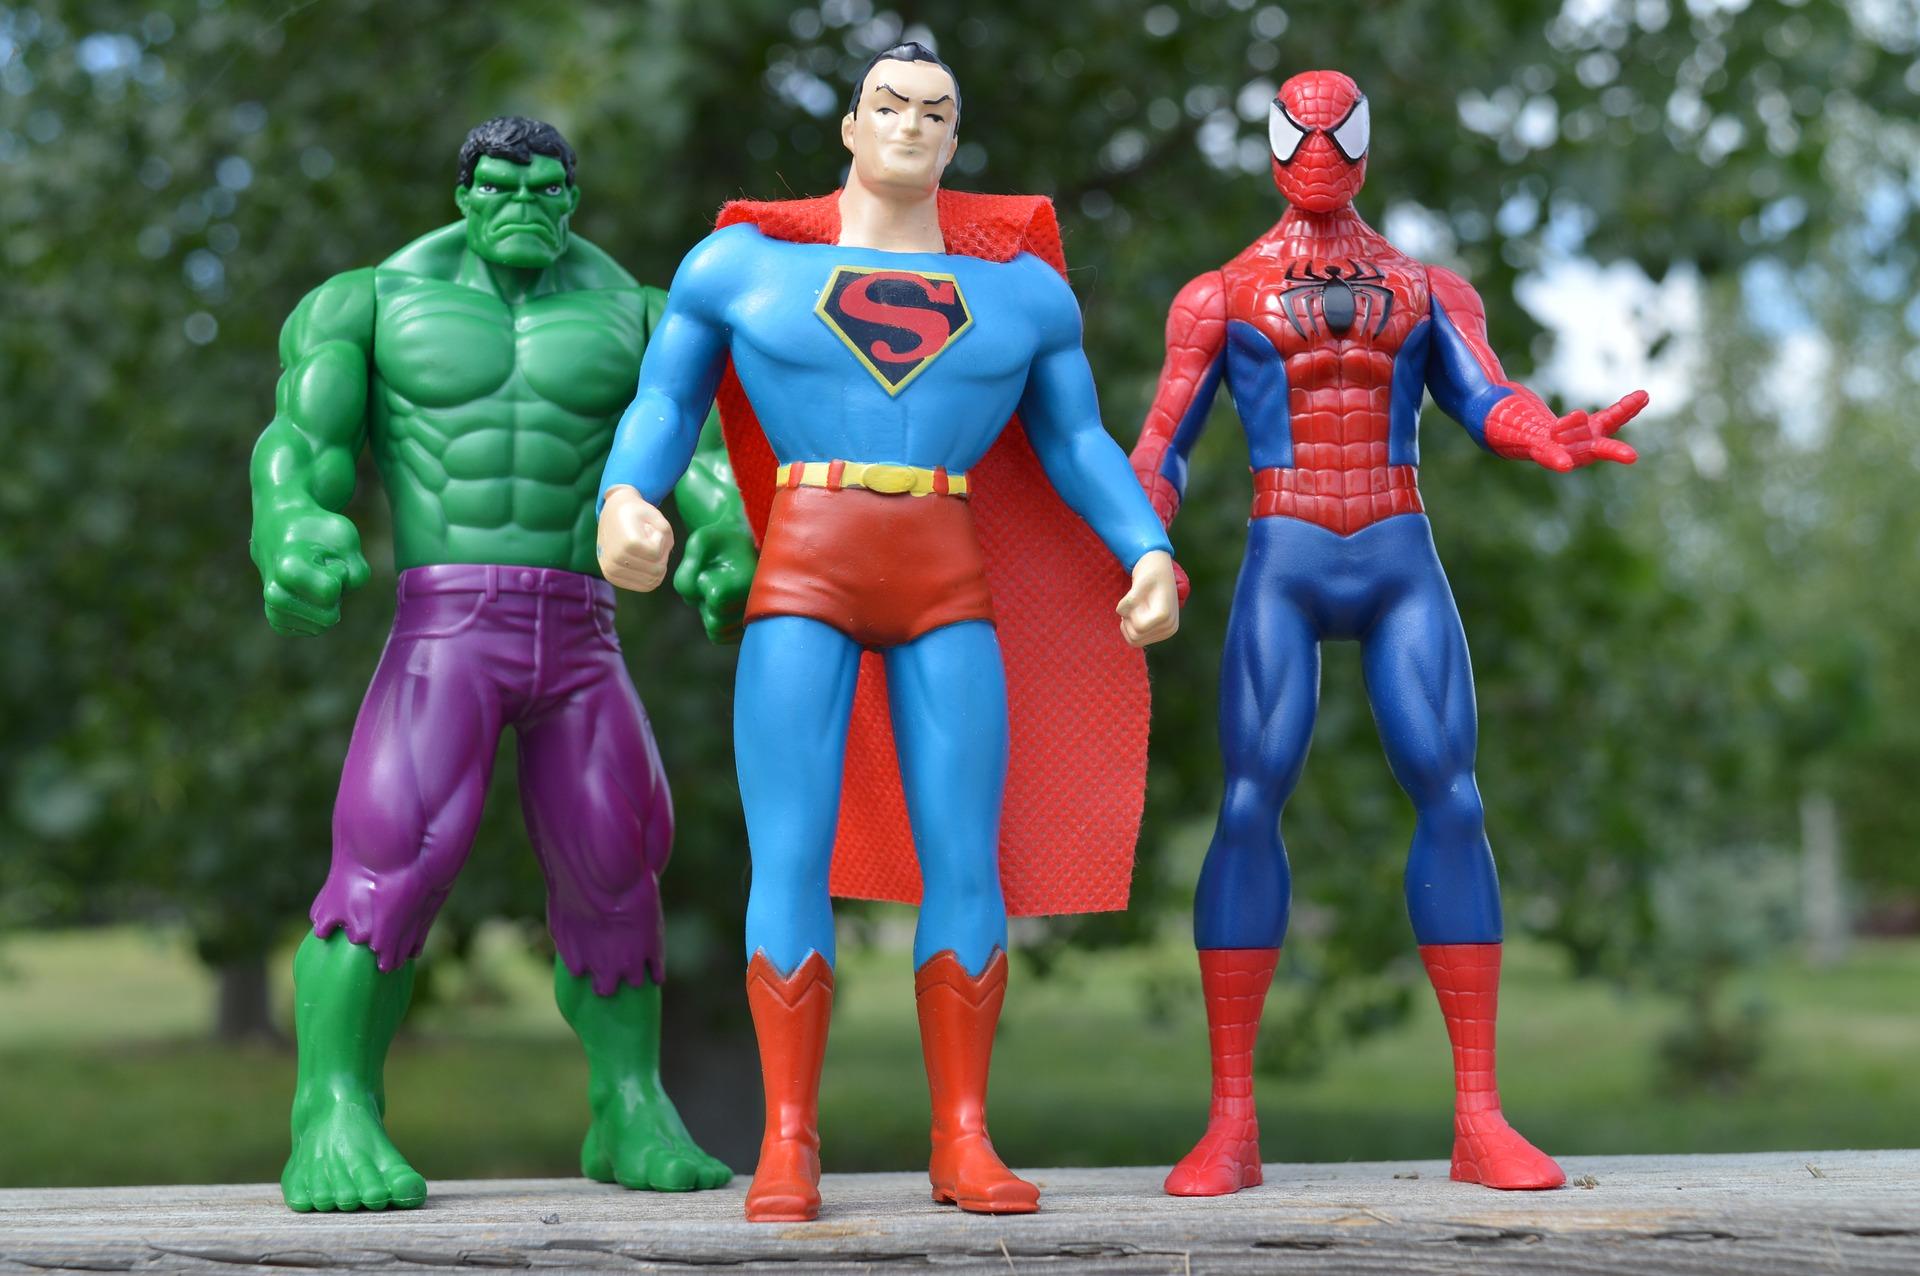 superheroes-1560256_1920.jpg